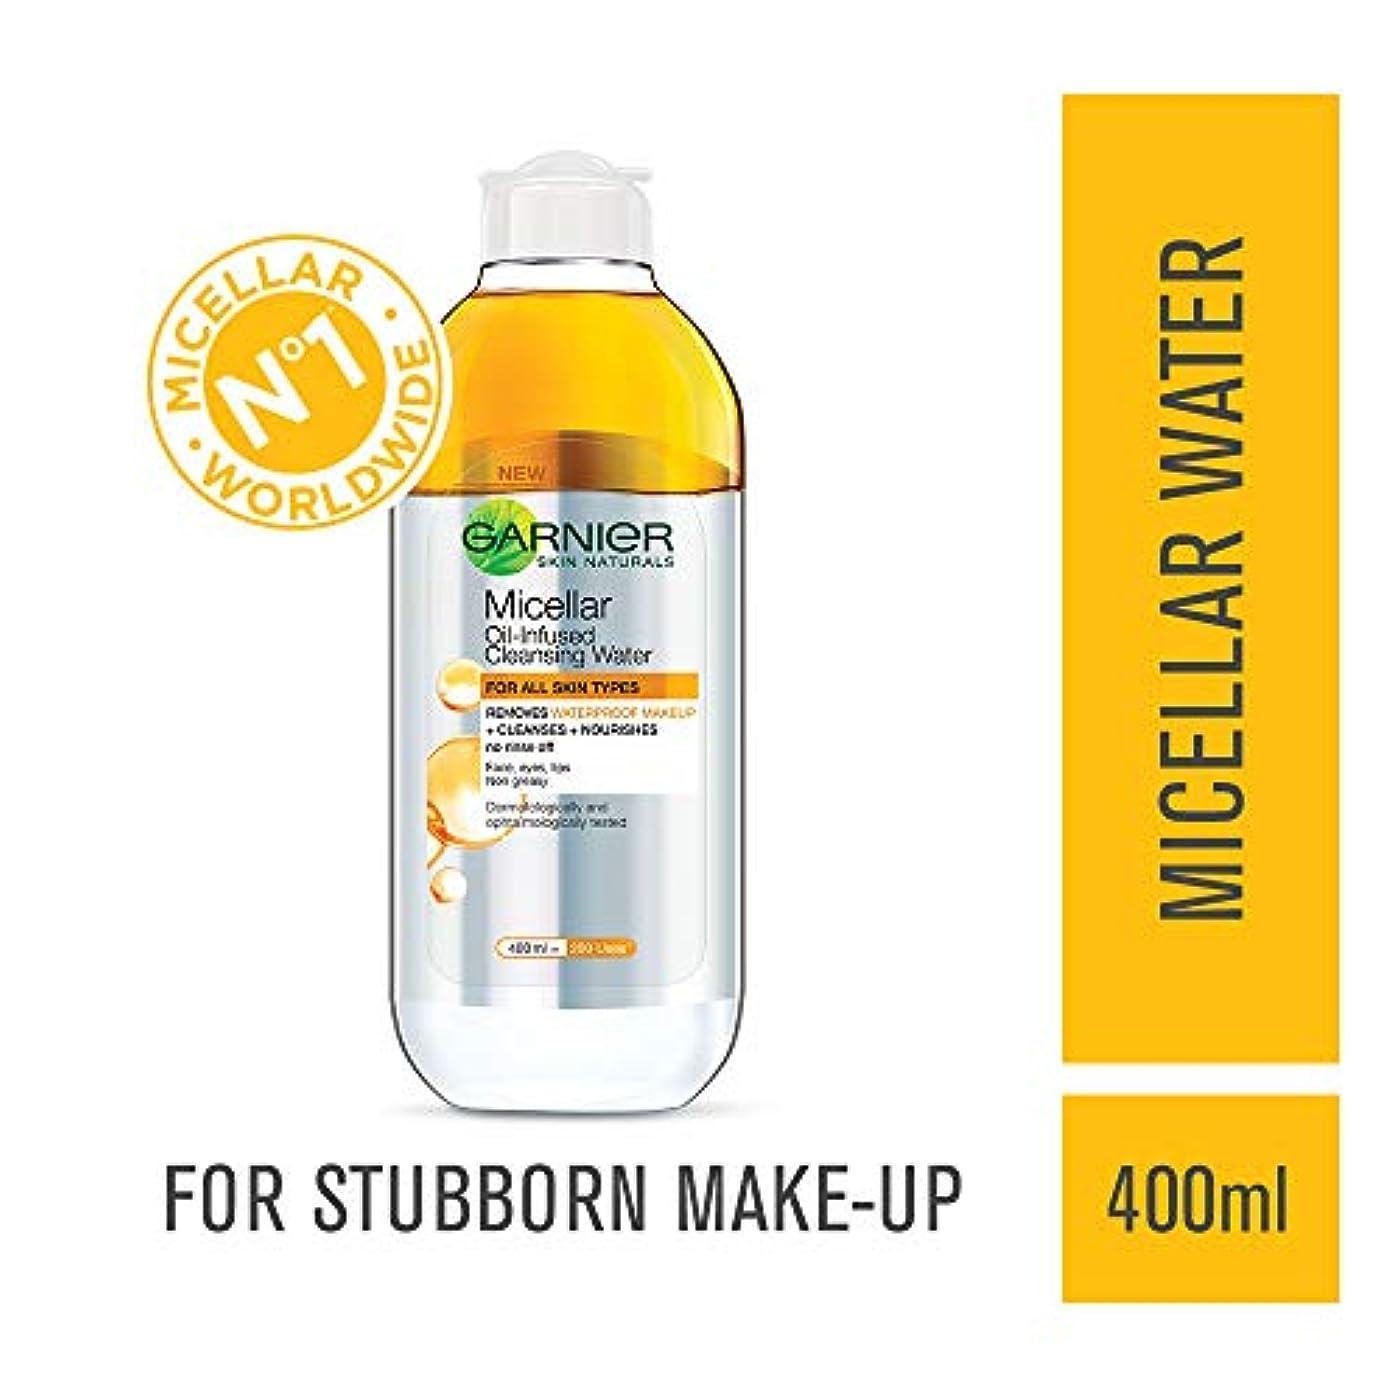 第九順番弾丸Garnier Skin Naturals, Micellar Oil-Infused Cleansing Water, 400ml